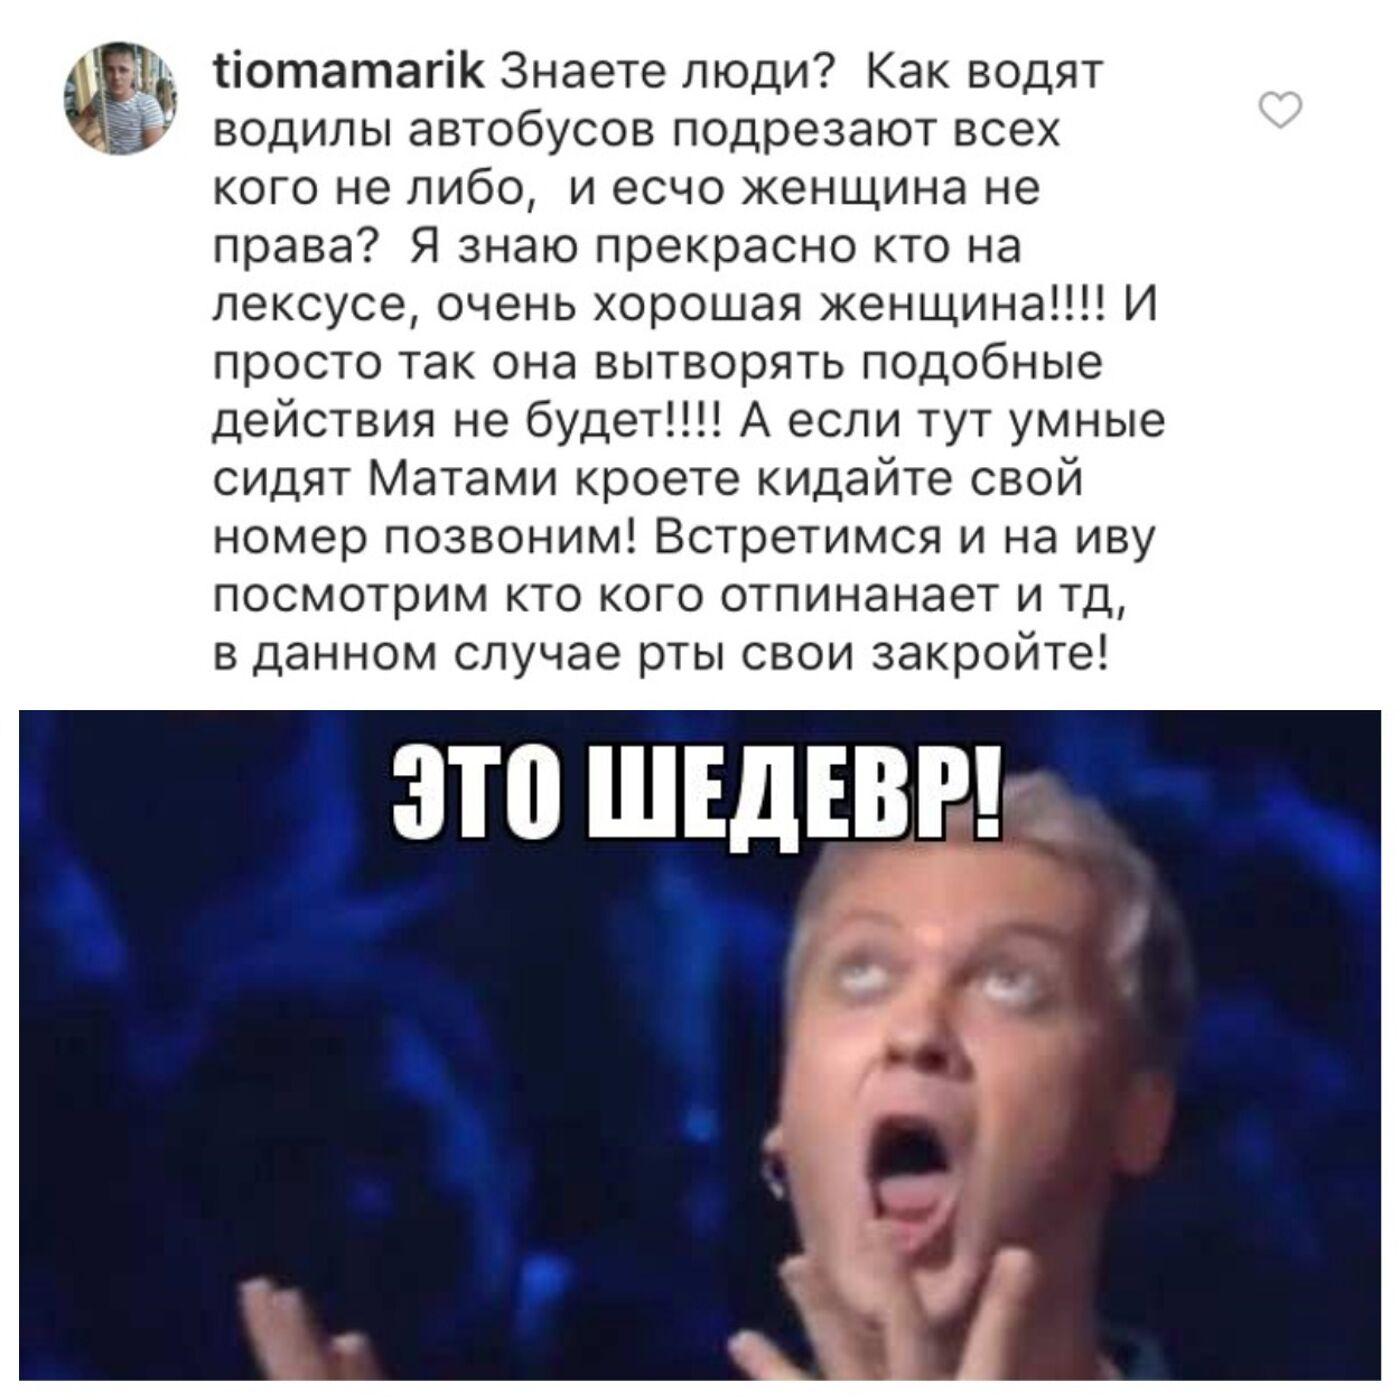 zhenshini-s-rabochimi-rtami-foto-devushka-s-straponom-fotografii